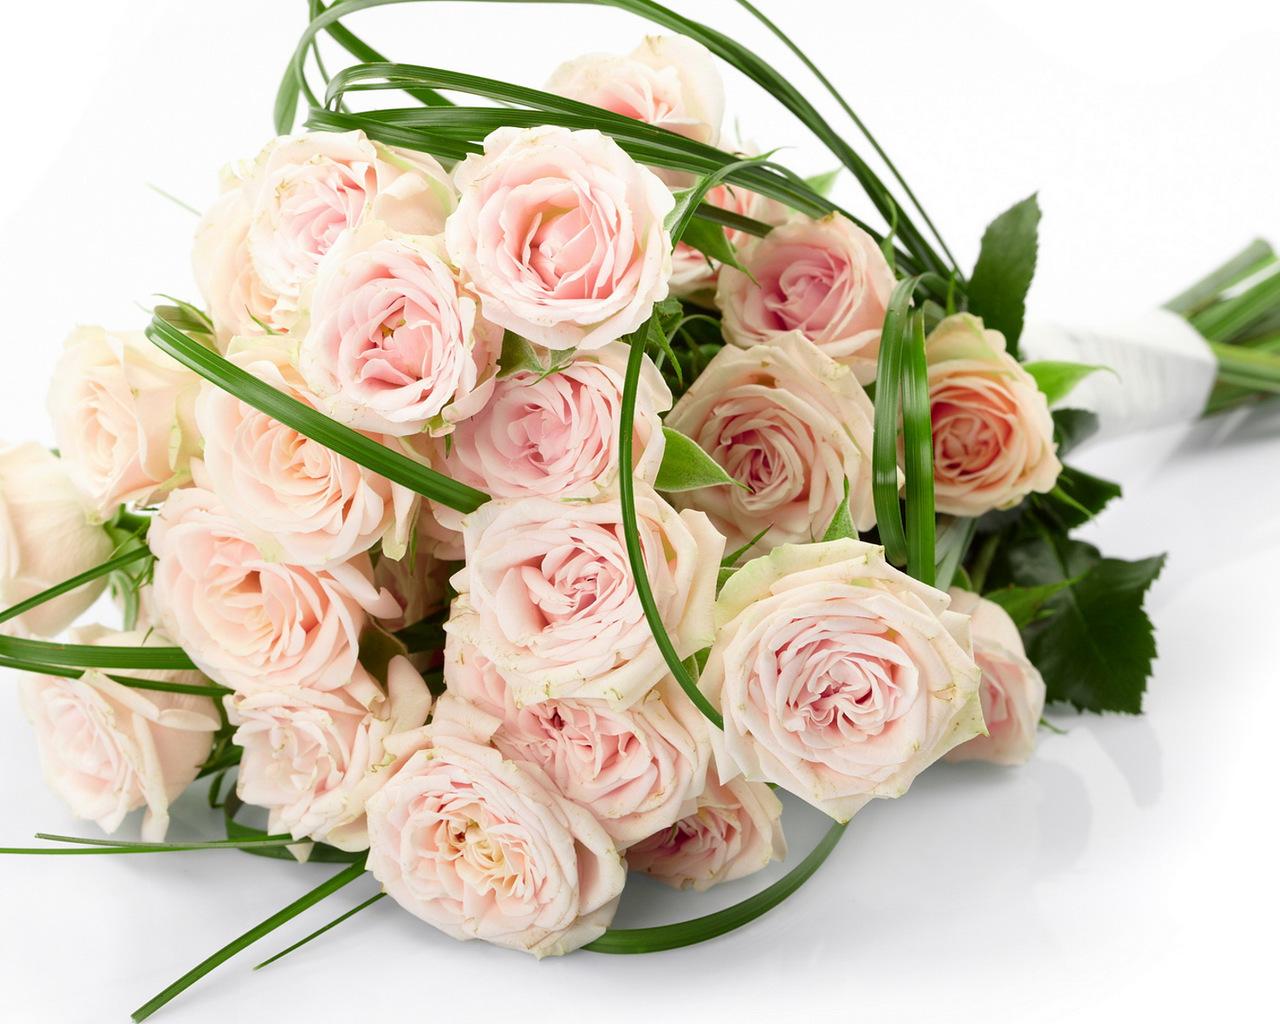 48719 скачать обои Растения, Цветы, Розы, Букеты - заставки и картинки бесплатно